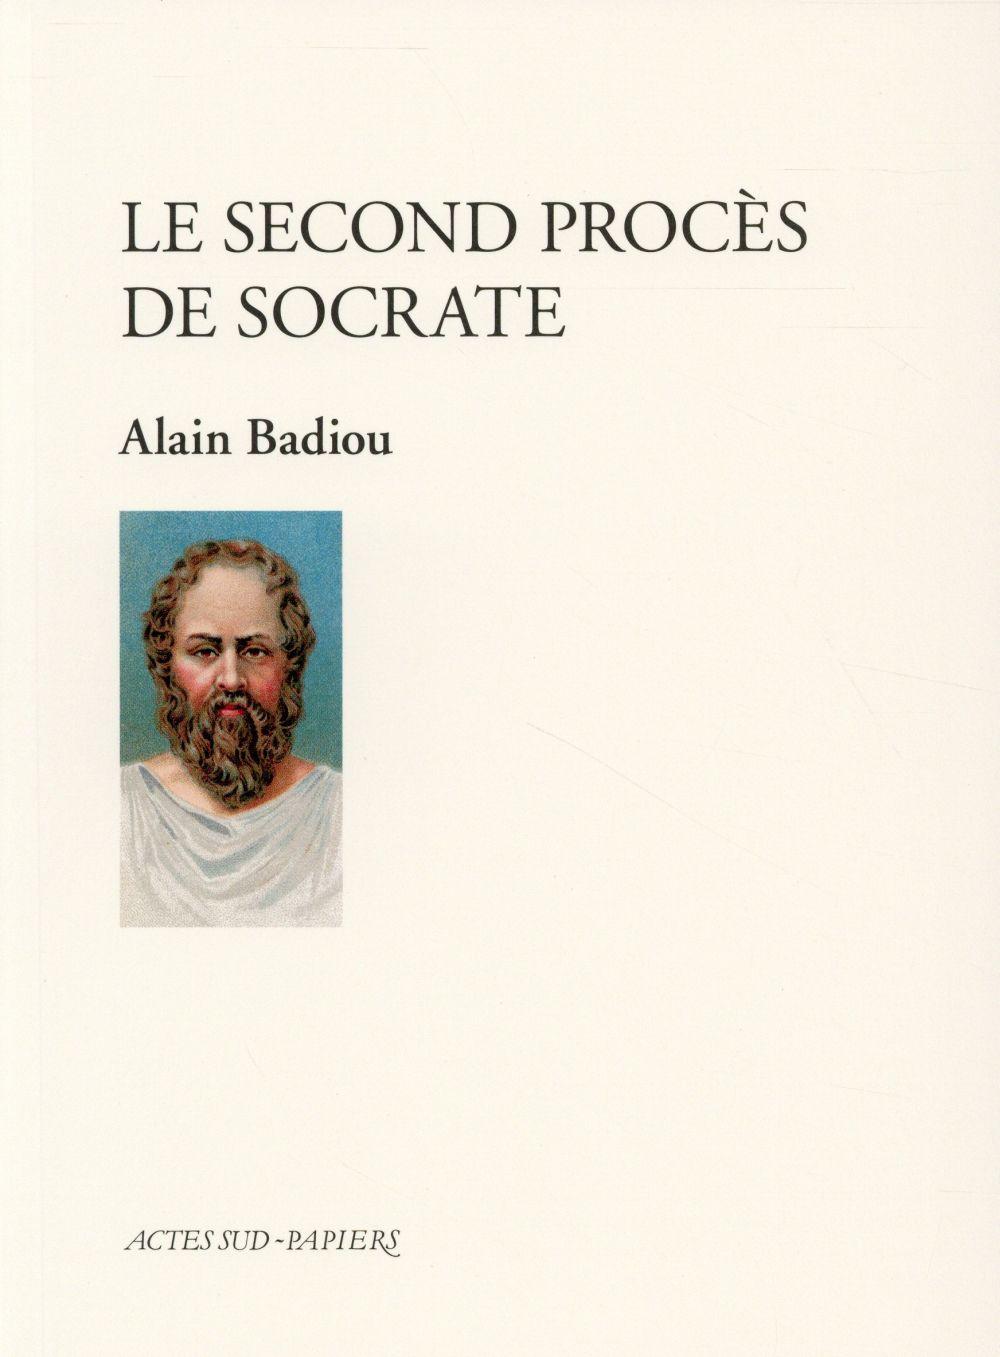 LE SECOND PROCES DE SOCRATE